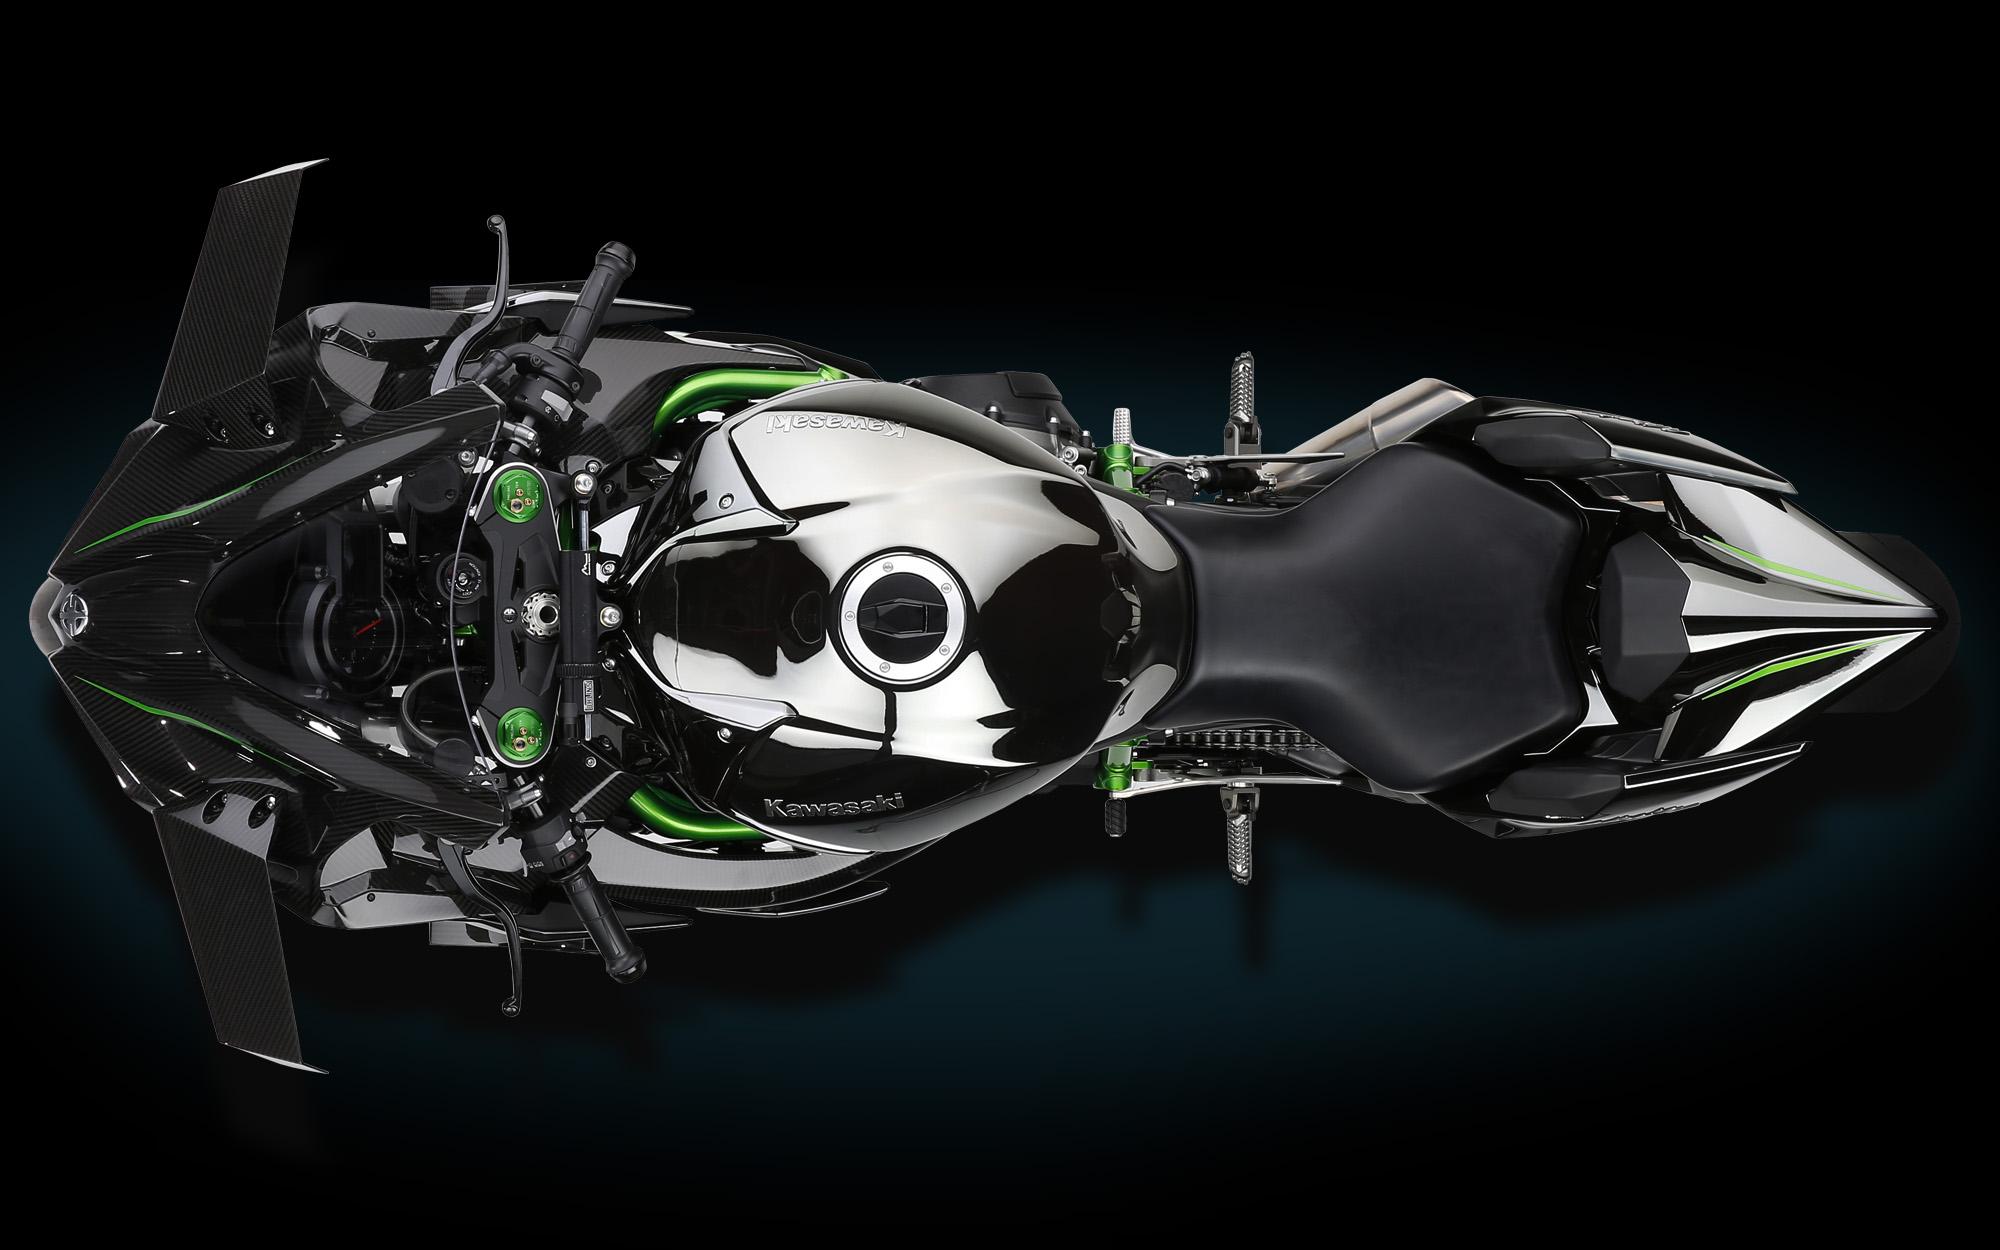 Kawasaki Ninja H2r 11